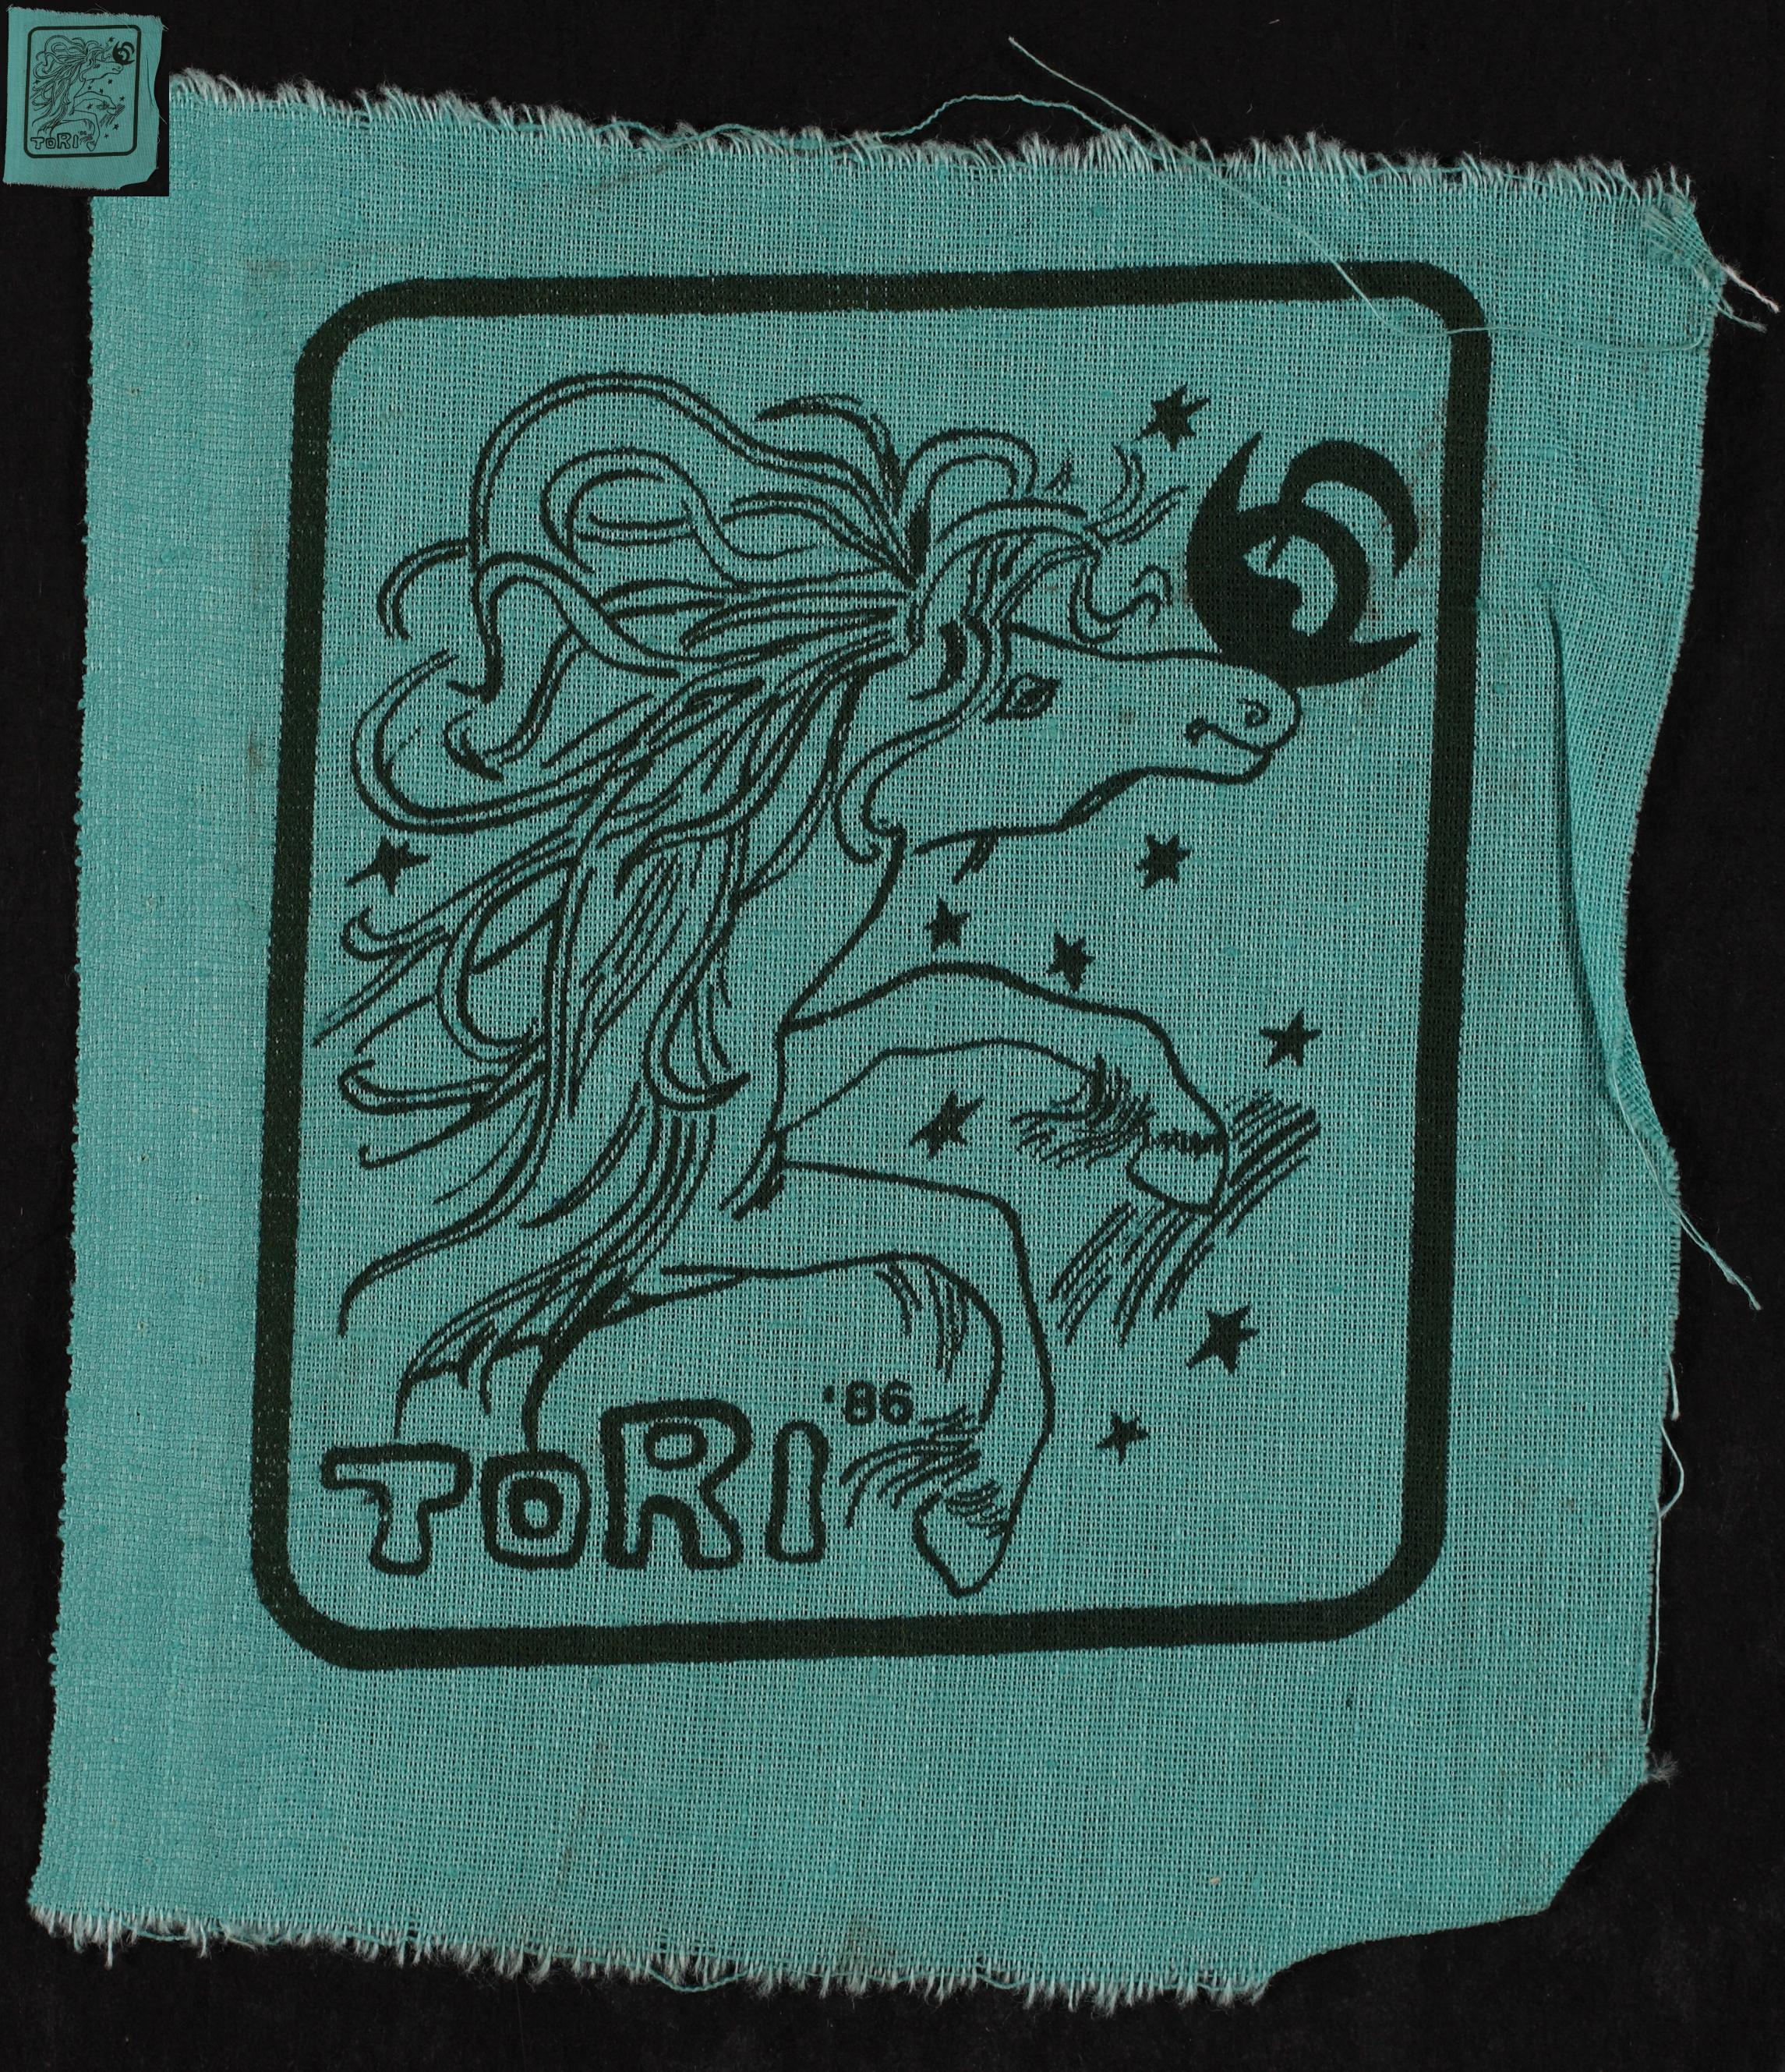 Maleva embleem, Tori 1986 / Secondary School Students' Building Brigade emblem, Tori 1986